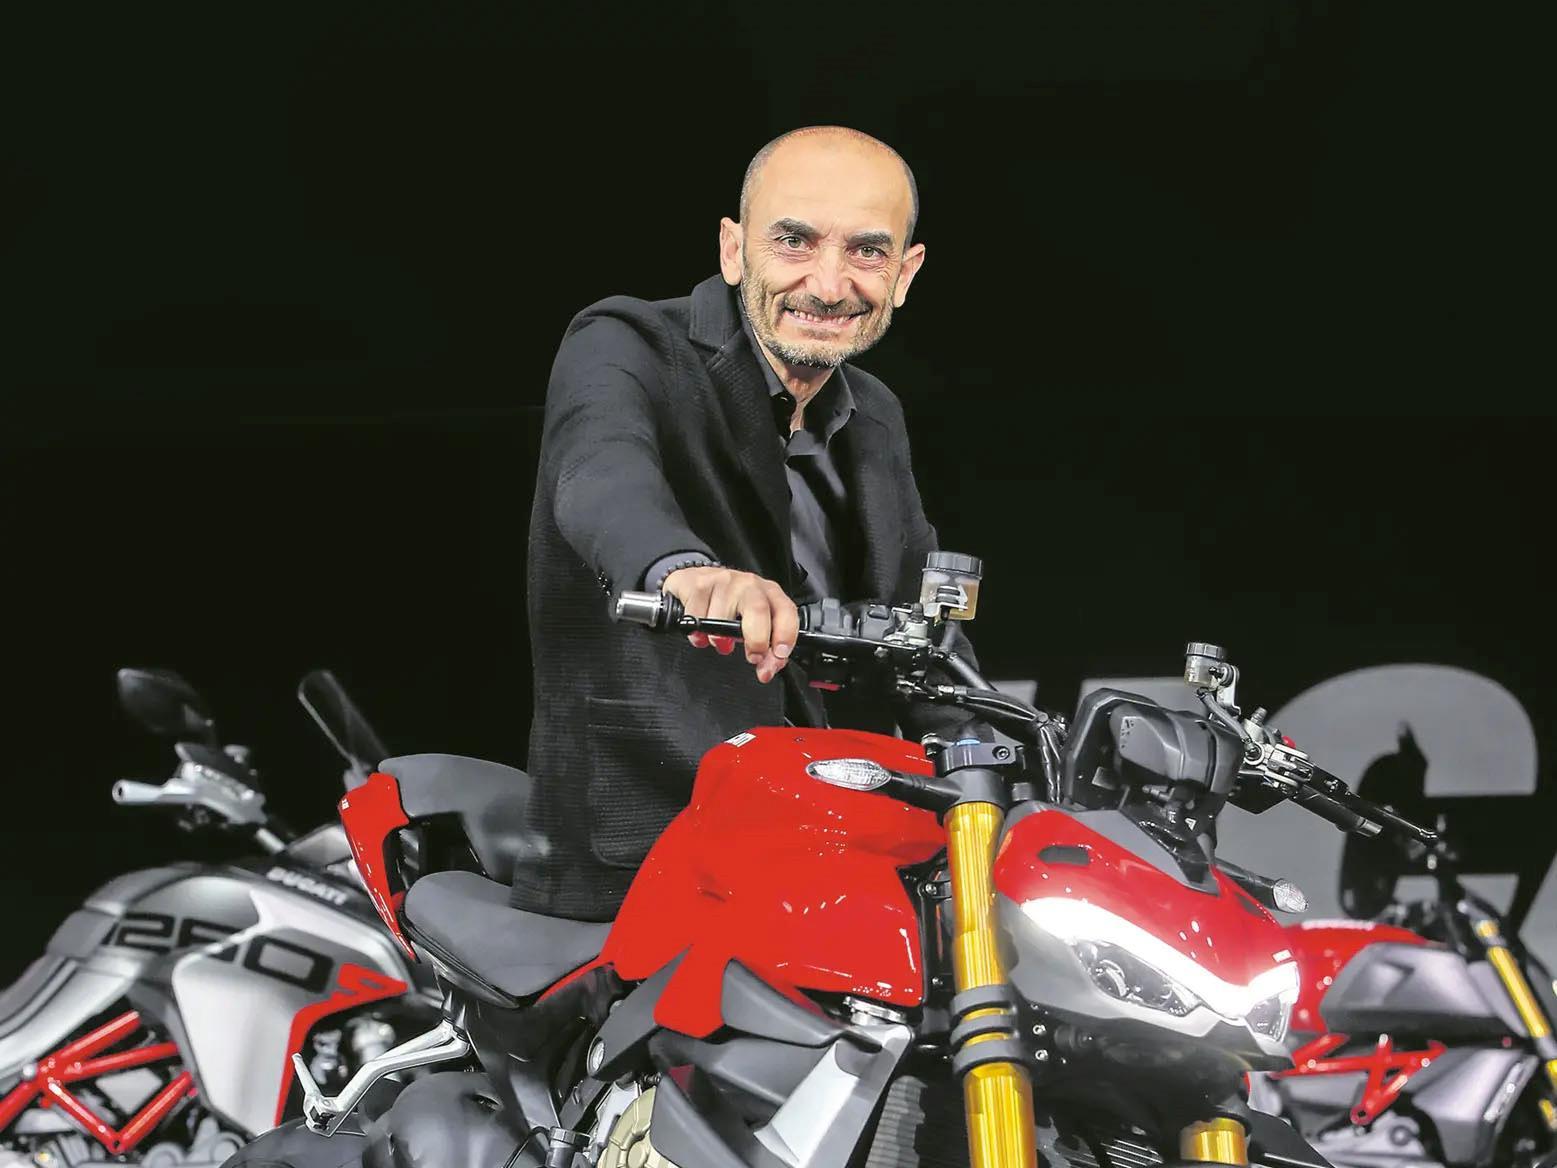 Ducati CEO, Claudio Domenicali